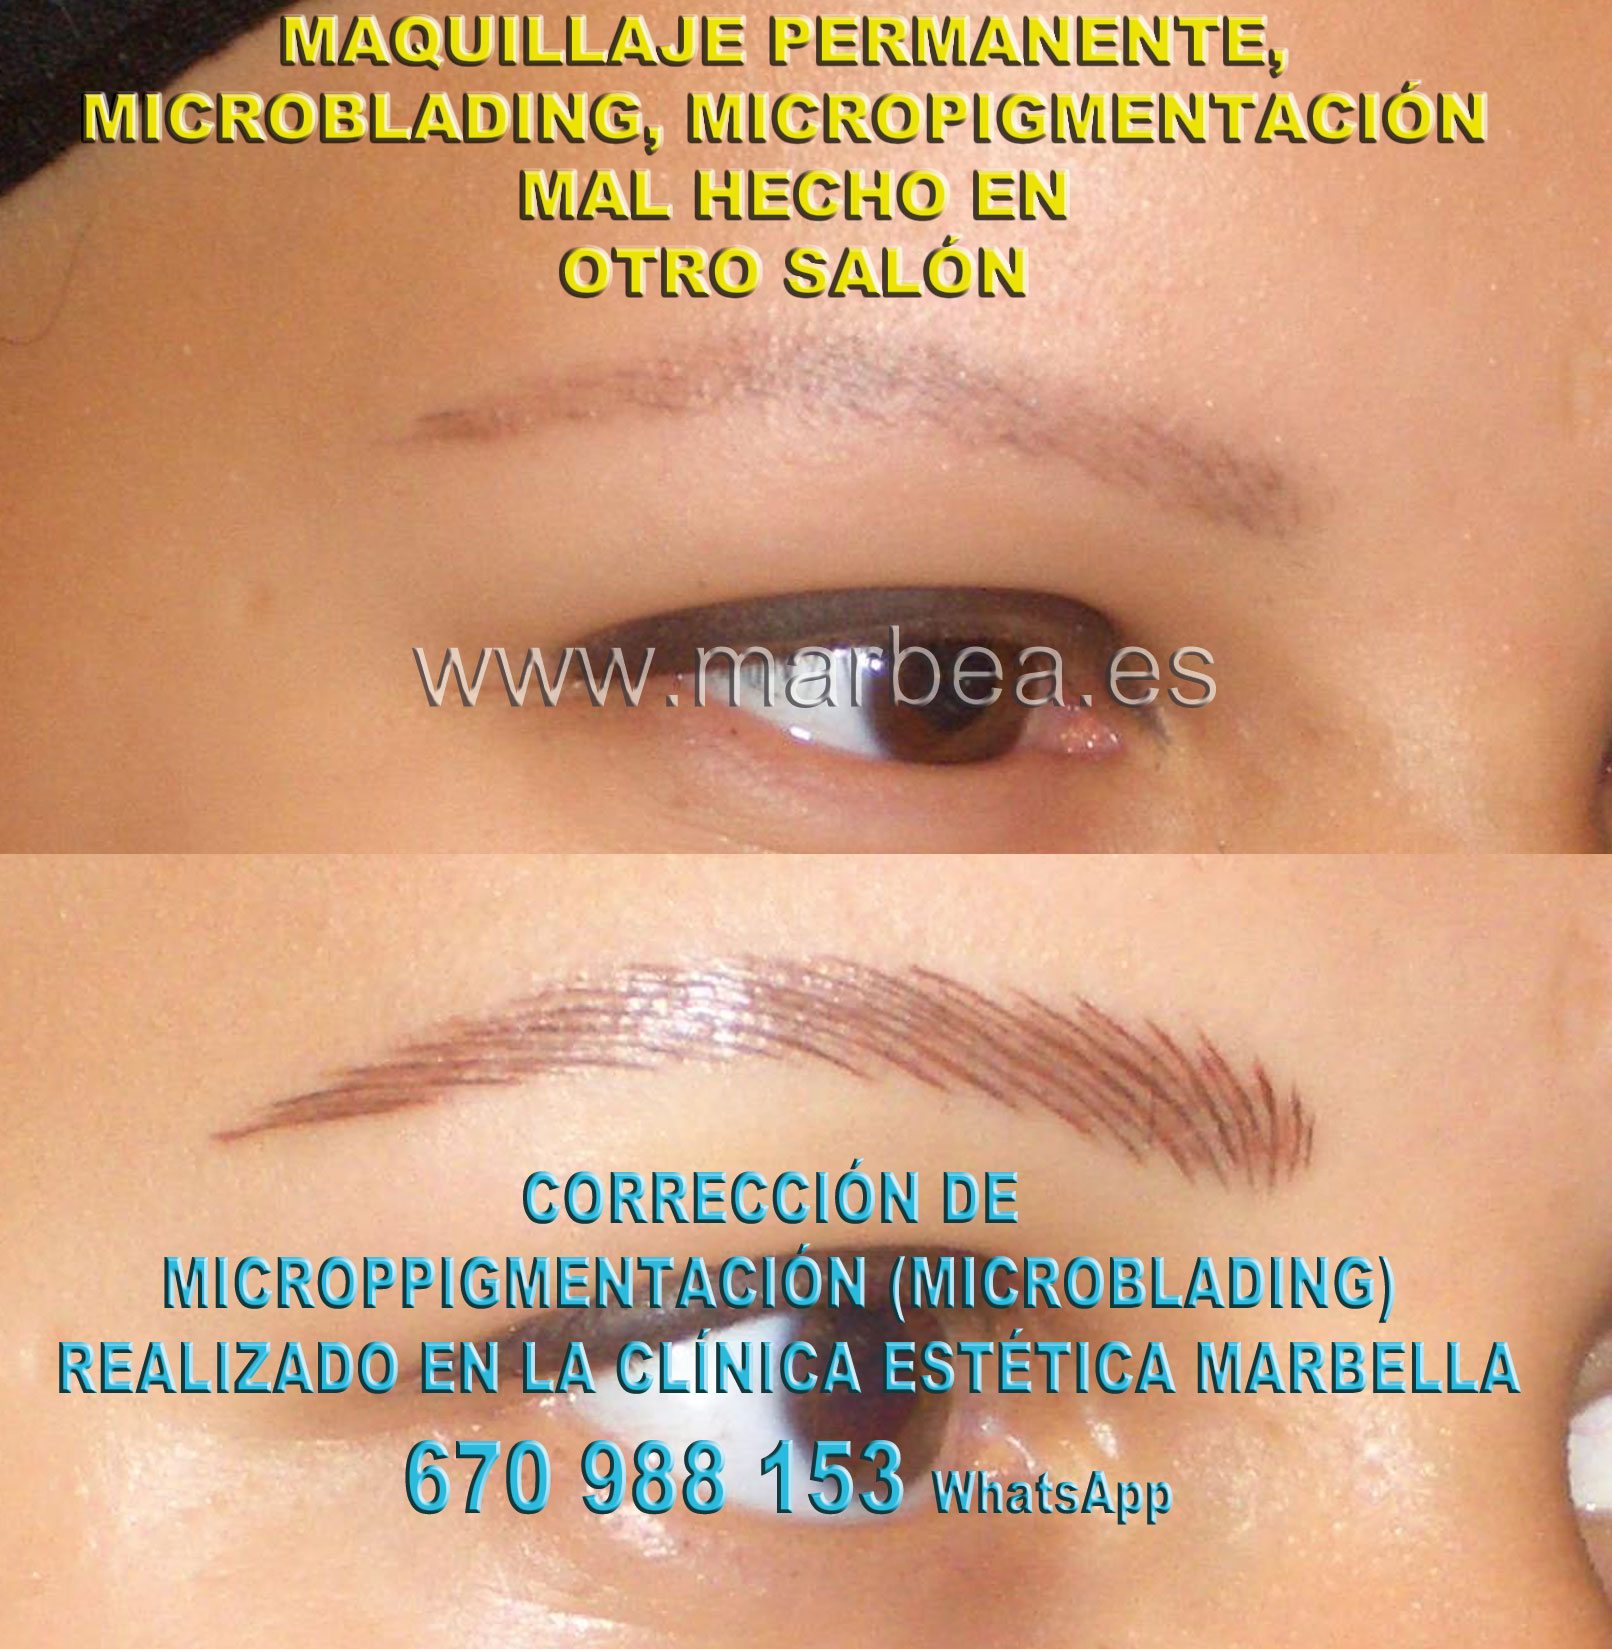 MAQUILLAJE PERMANENTE CEJAS MAL HECHO clínica estética delineados entrega eliminar la micropigmentación de cejas,corregir micropigmentación no deseada